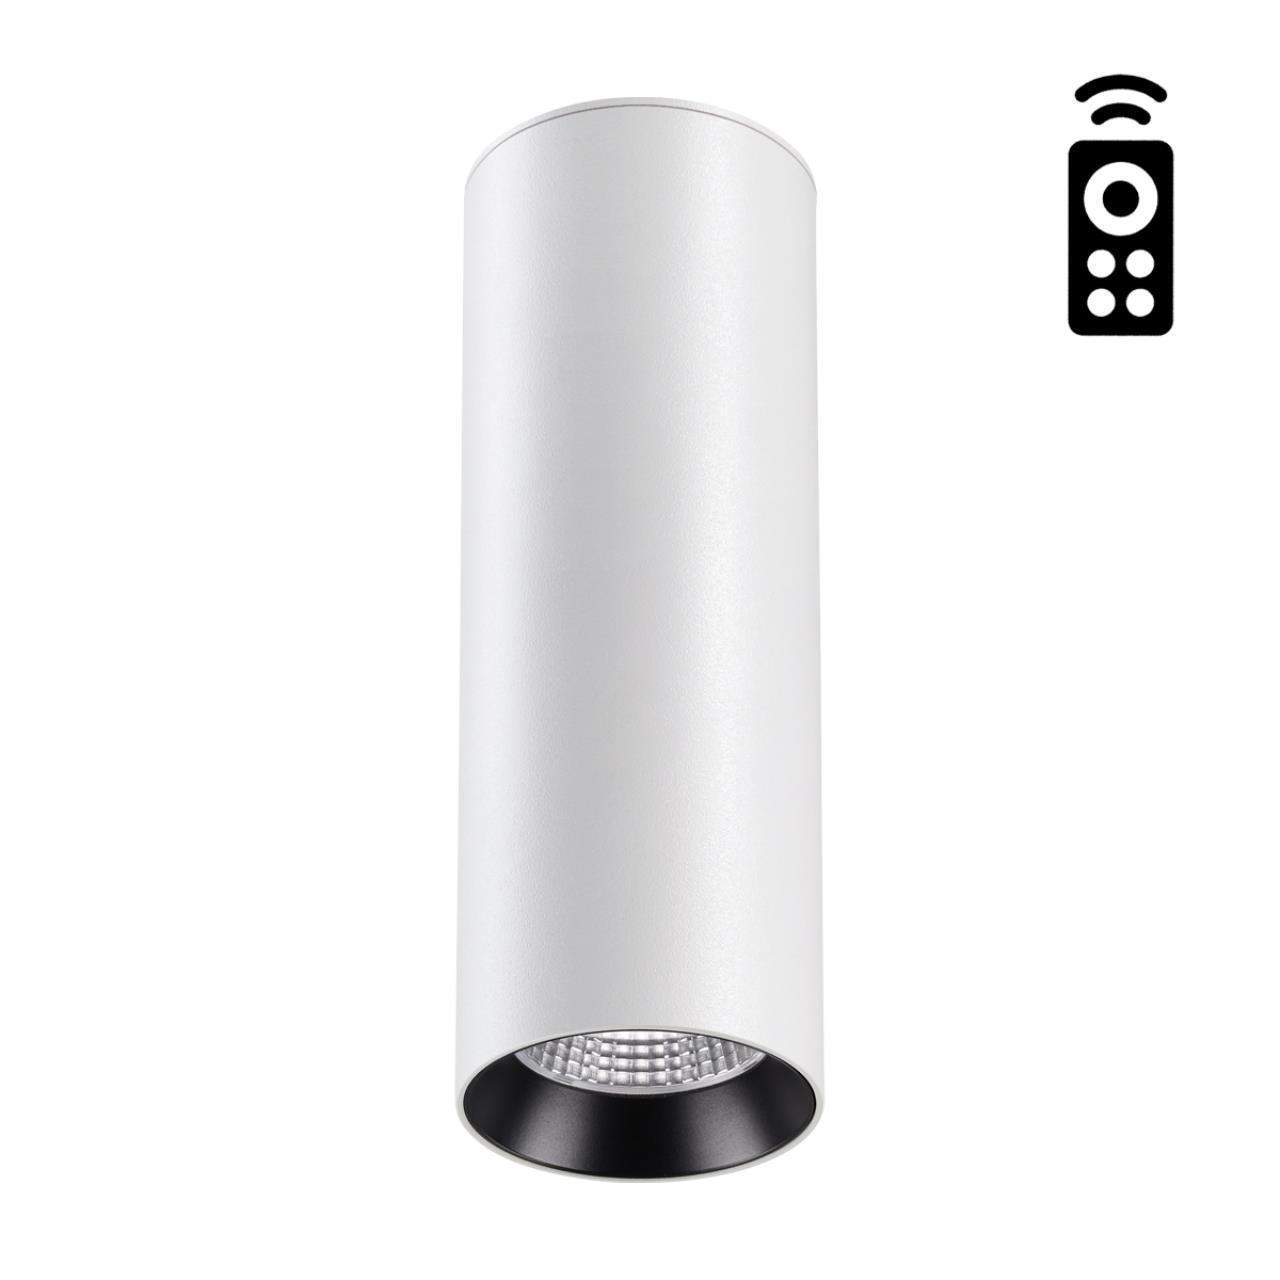 358312 OVER NT19 000 белый Накладной диммируемый св-к с пультом ДУ IP20 LED 3000-6500K 20W 220-240V